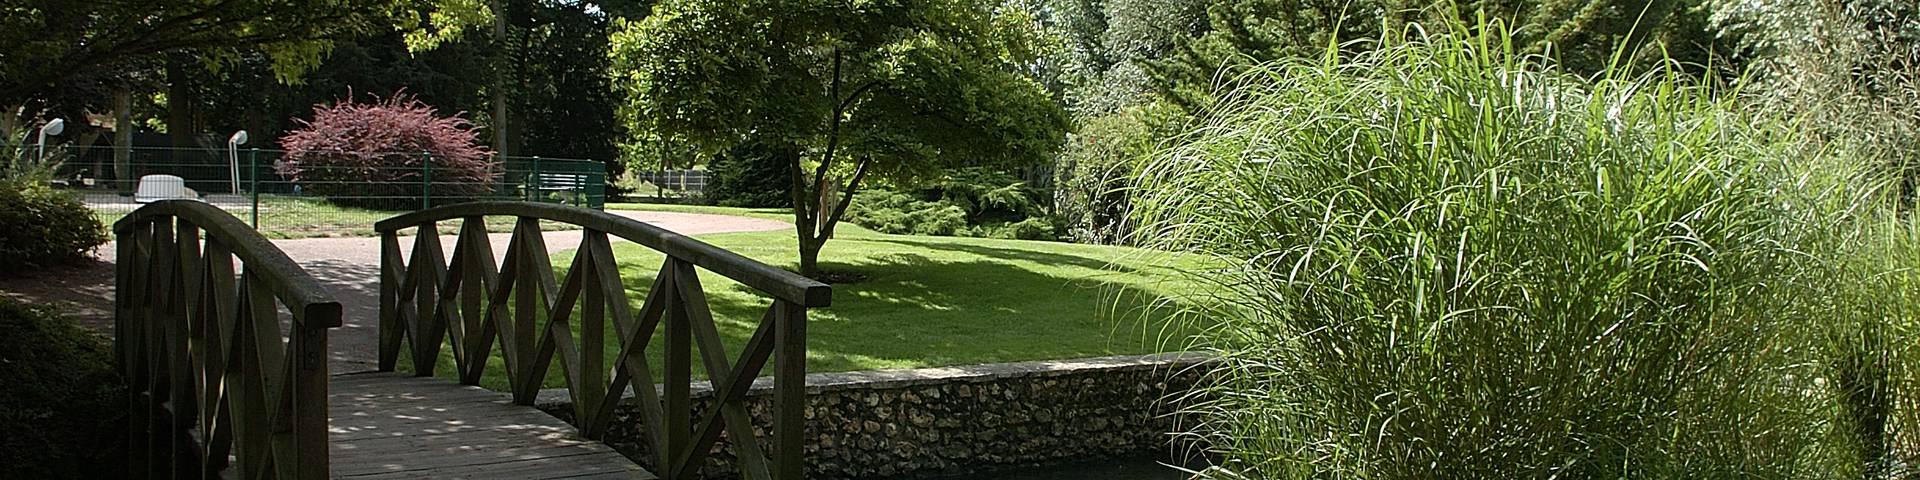 Pont dans le parc des Bords de l'Eure